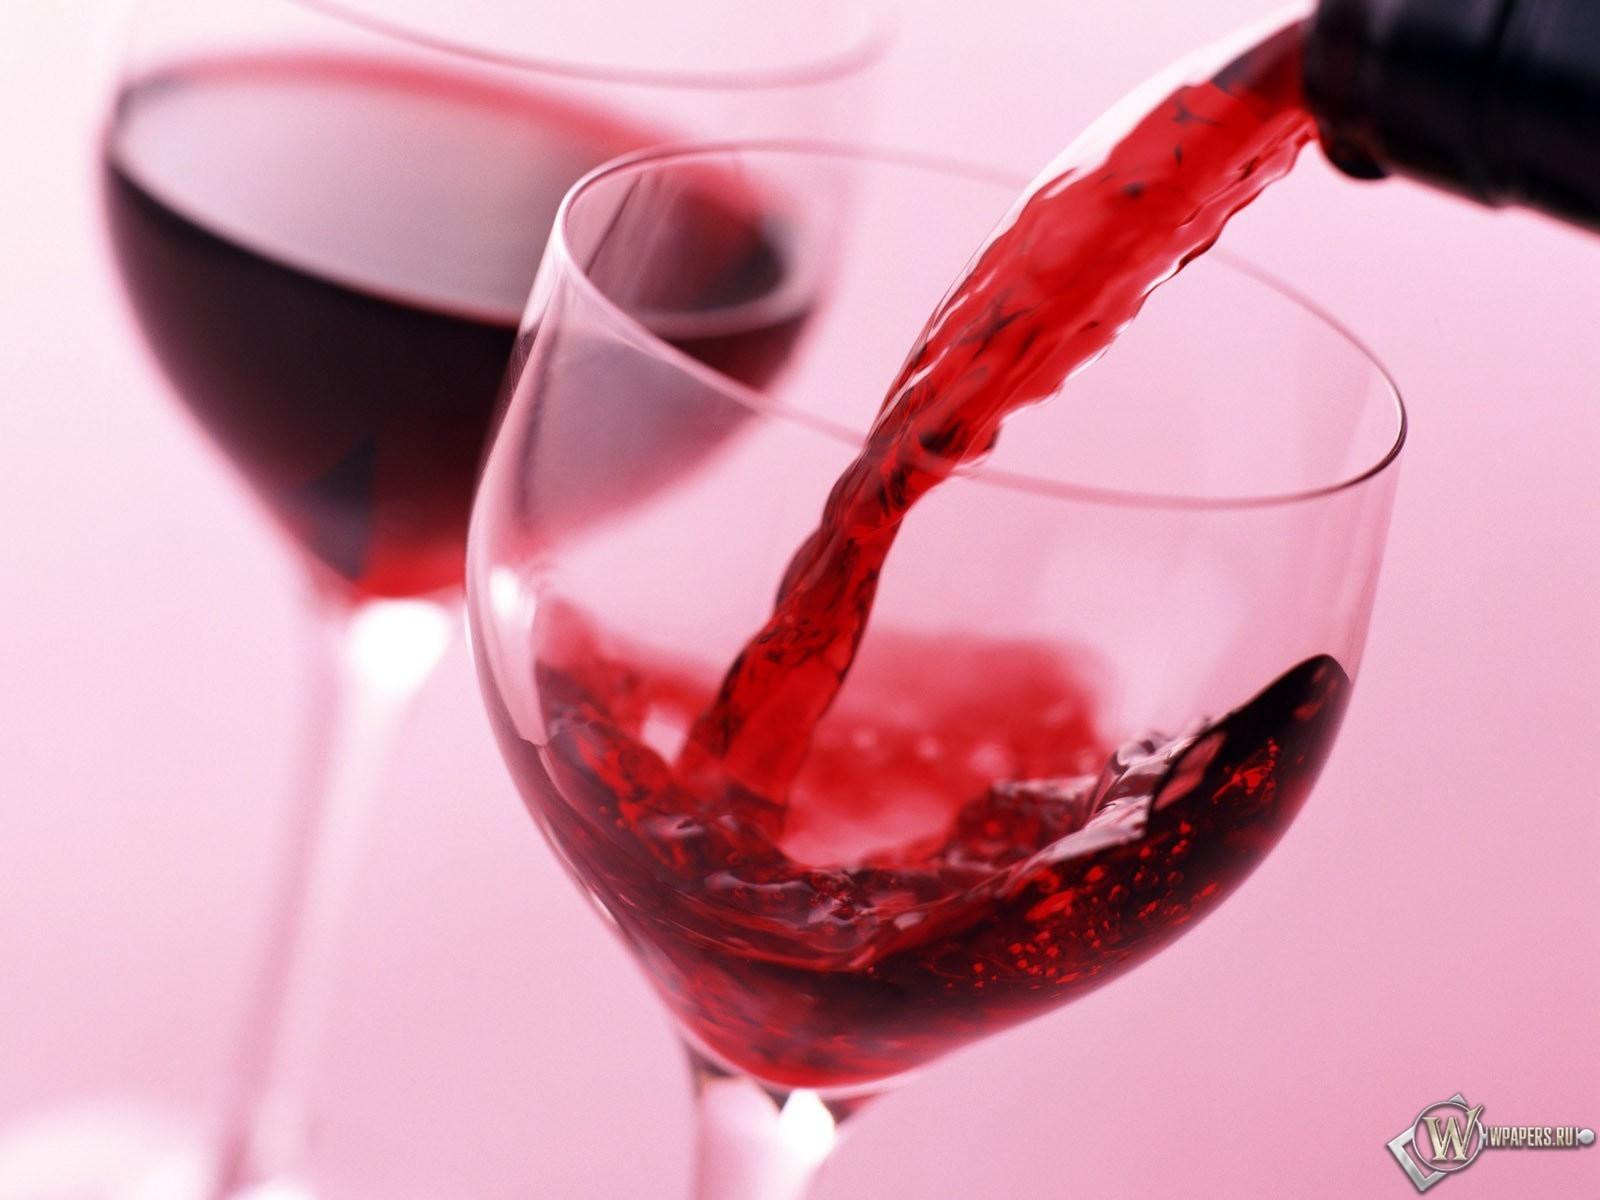 Вино в бокале 1600x1200